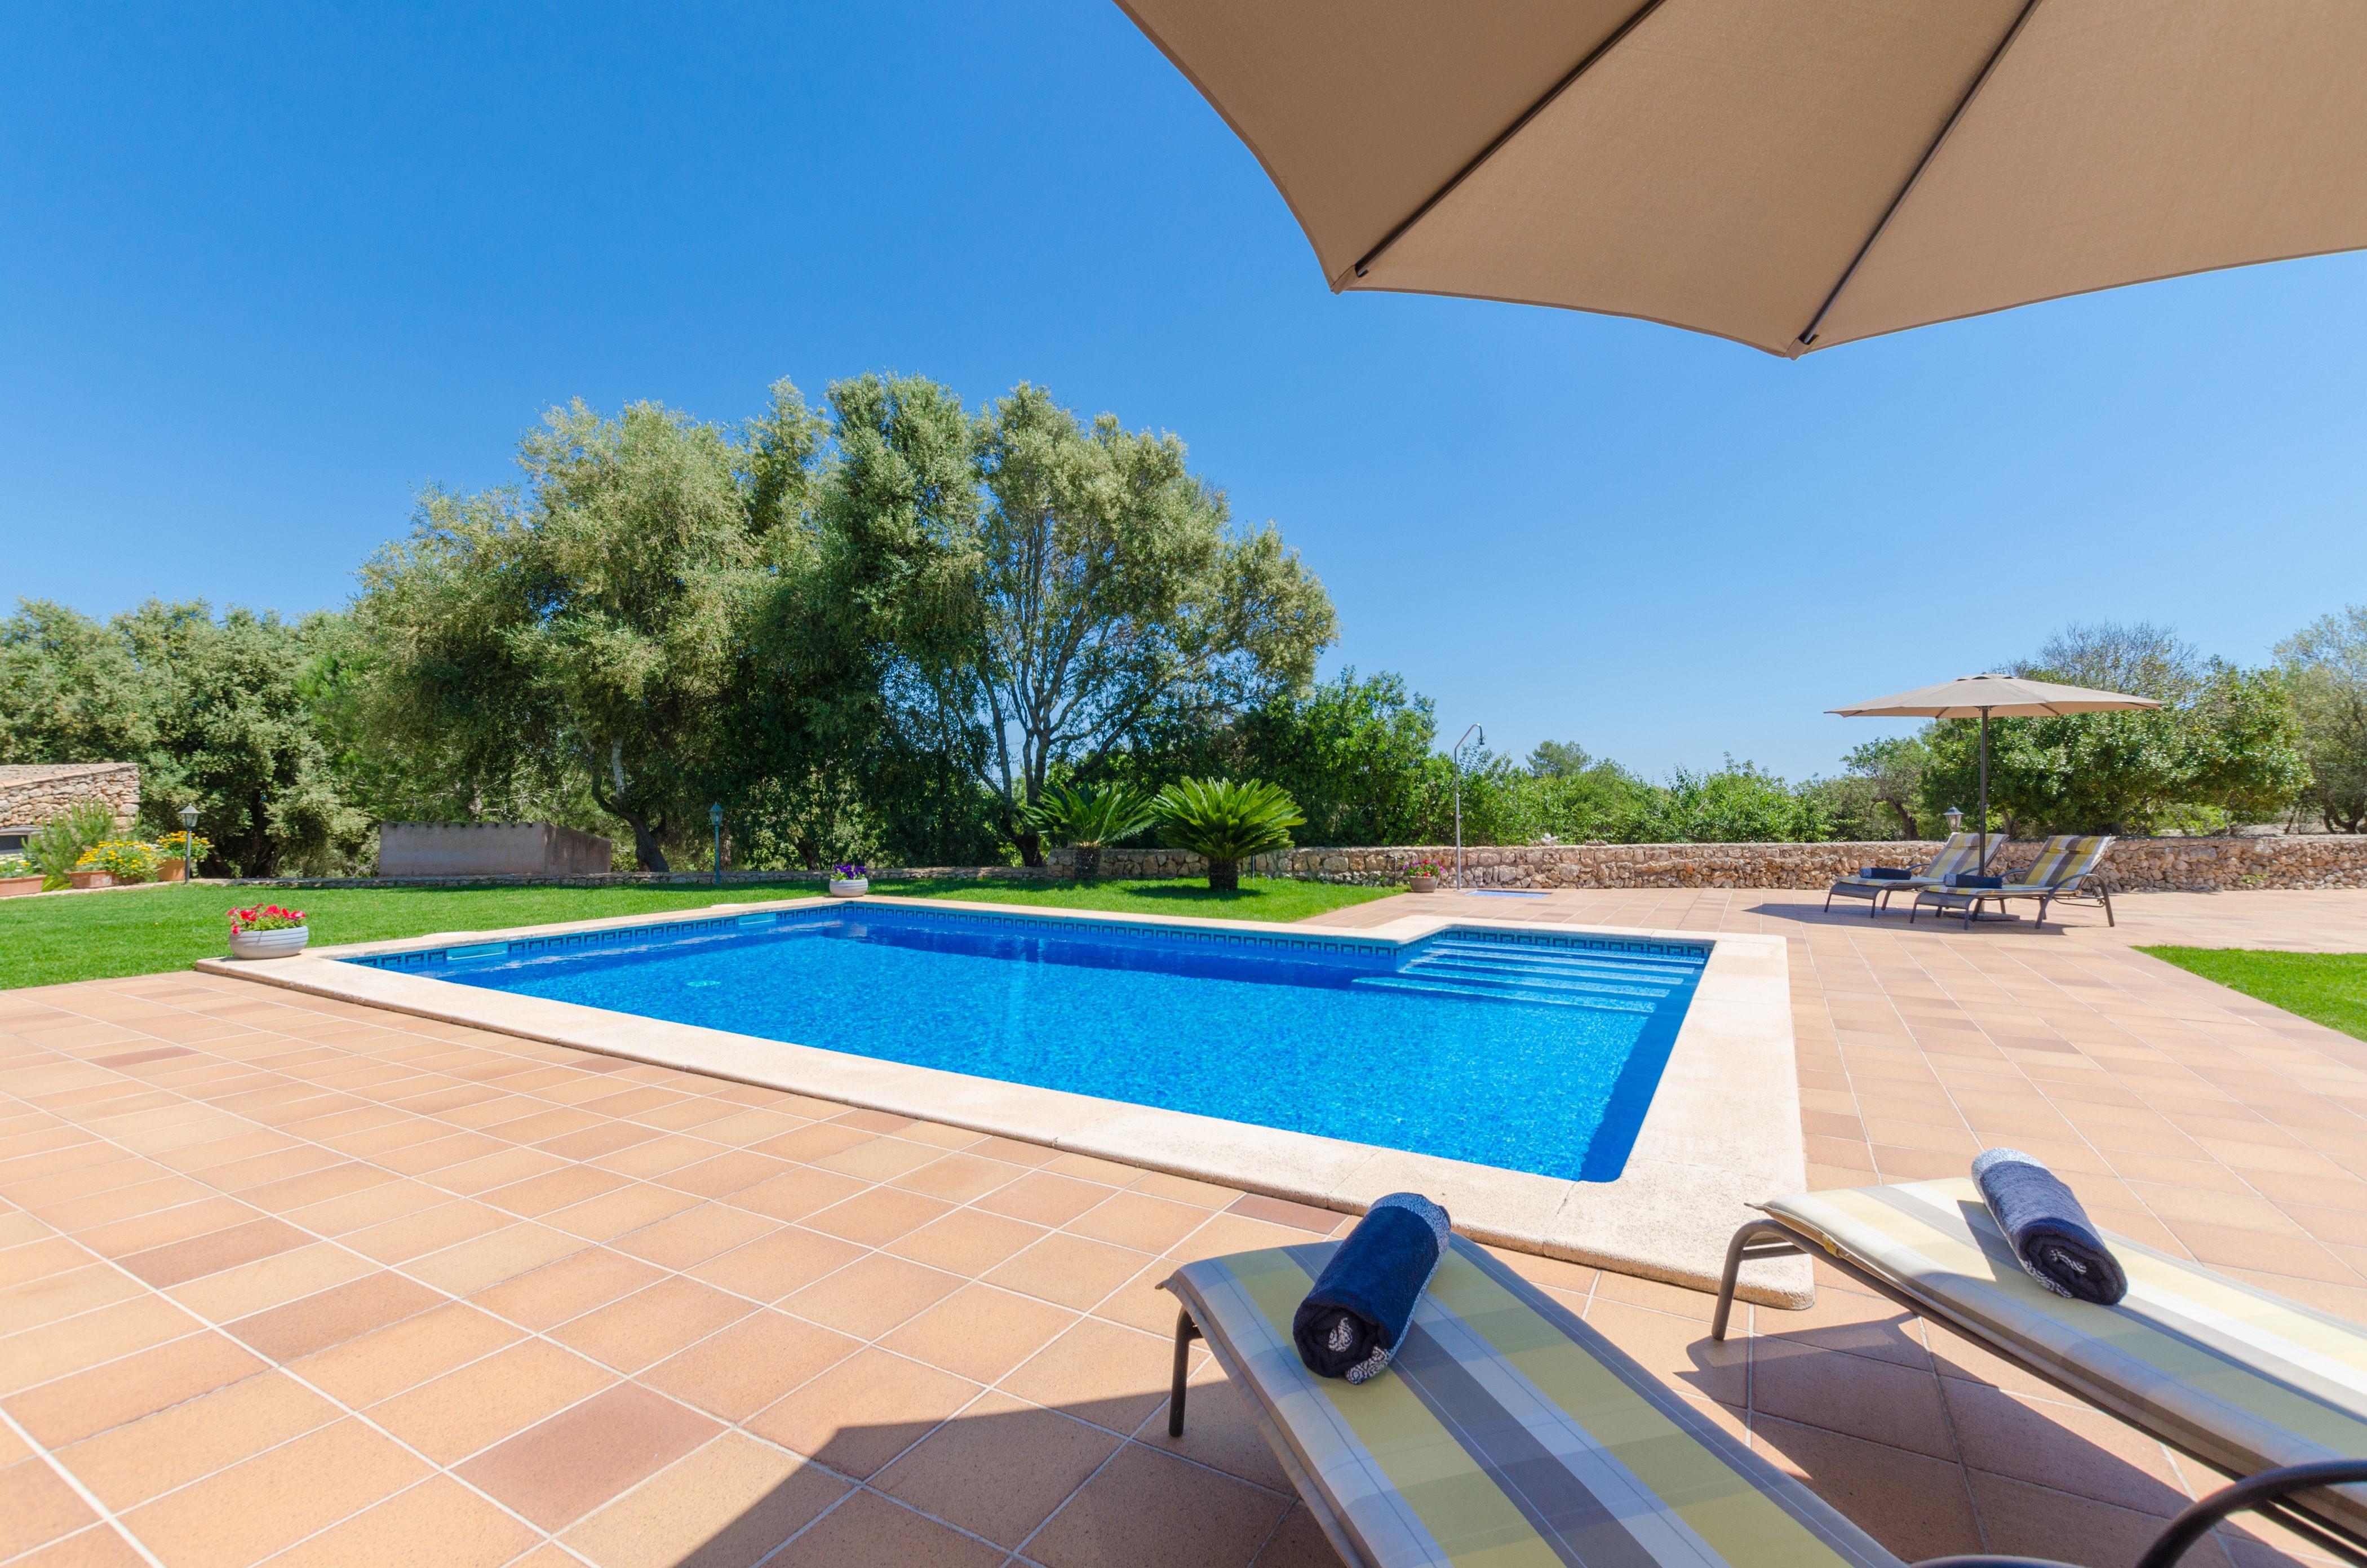 Maison de vacances ES VEDAT (2632993), Lloret de Vistalegre, Majorque, Iles Baléares, Espagne, image 44